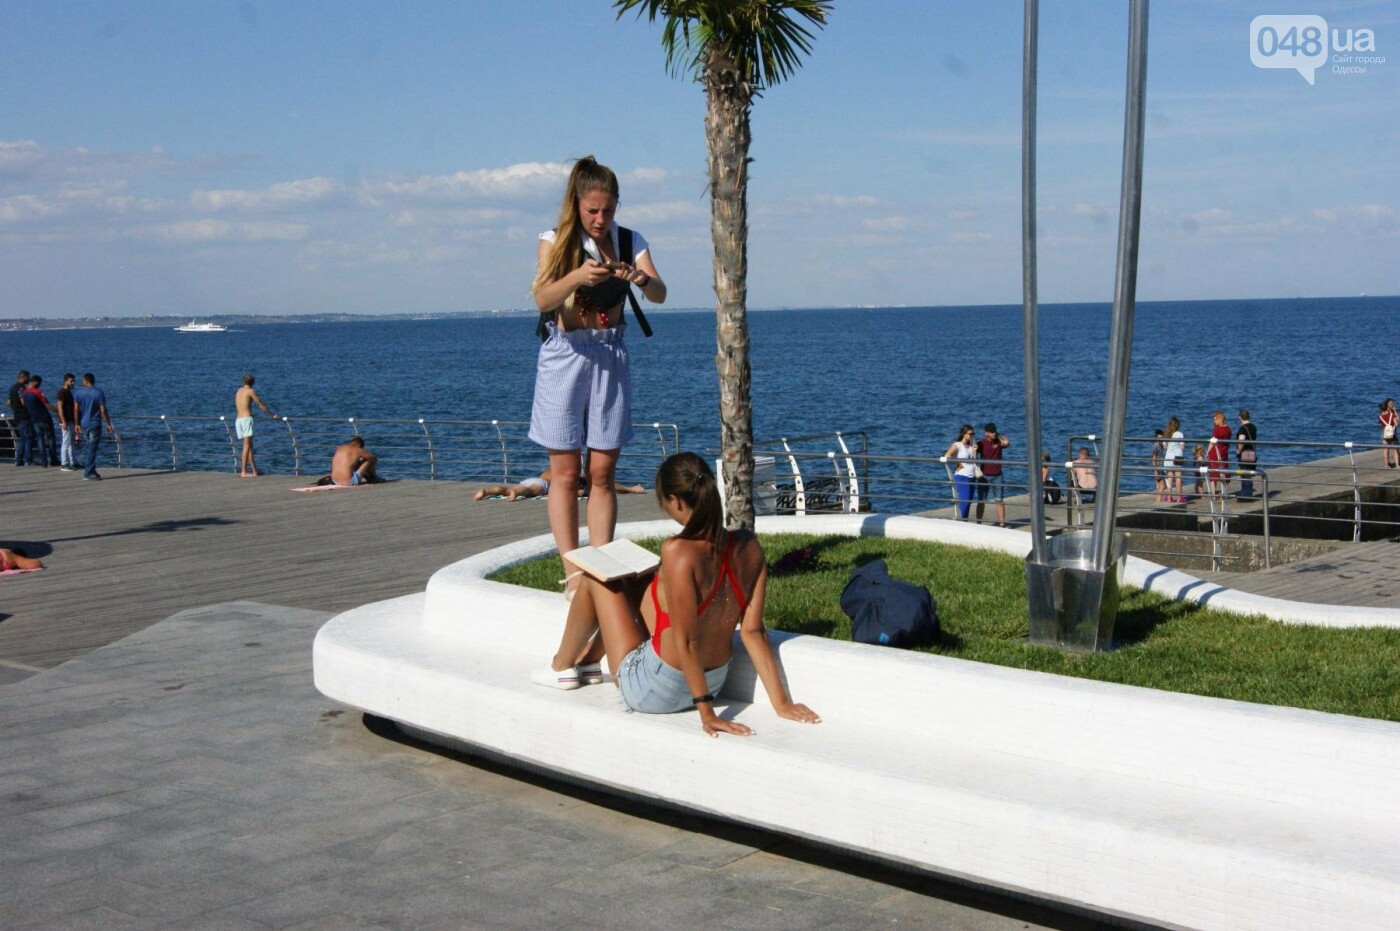 Пляжная ревизия: Что и почем на одесском Ланжероне, - ФОТО, фото-2